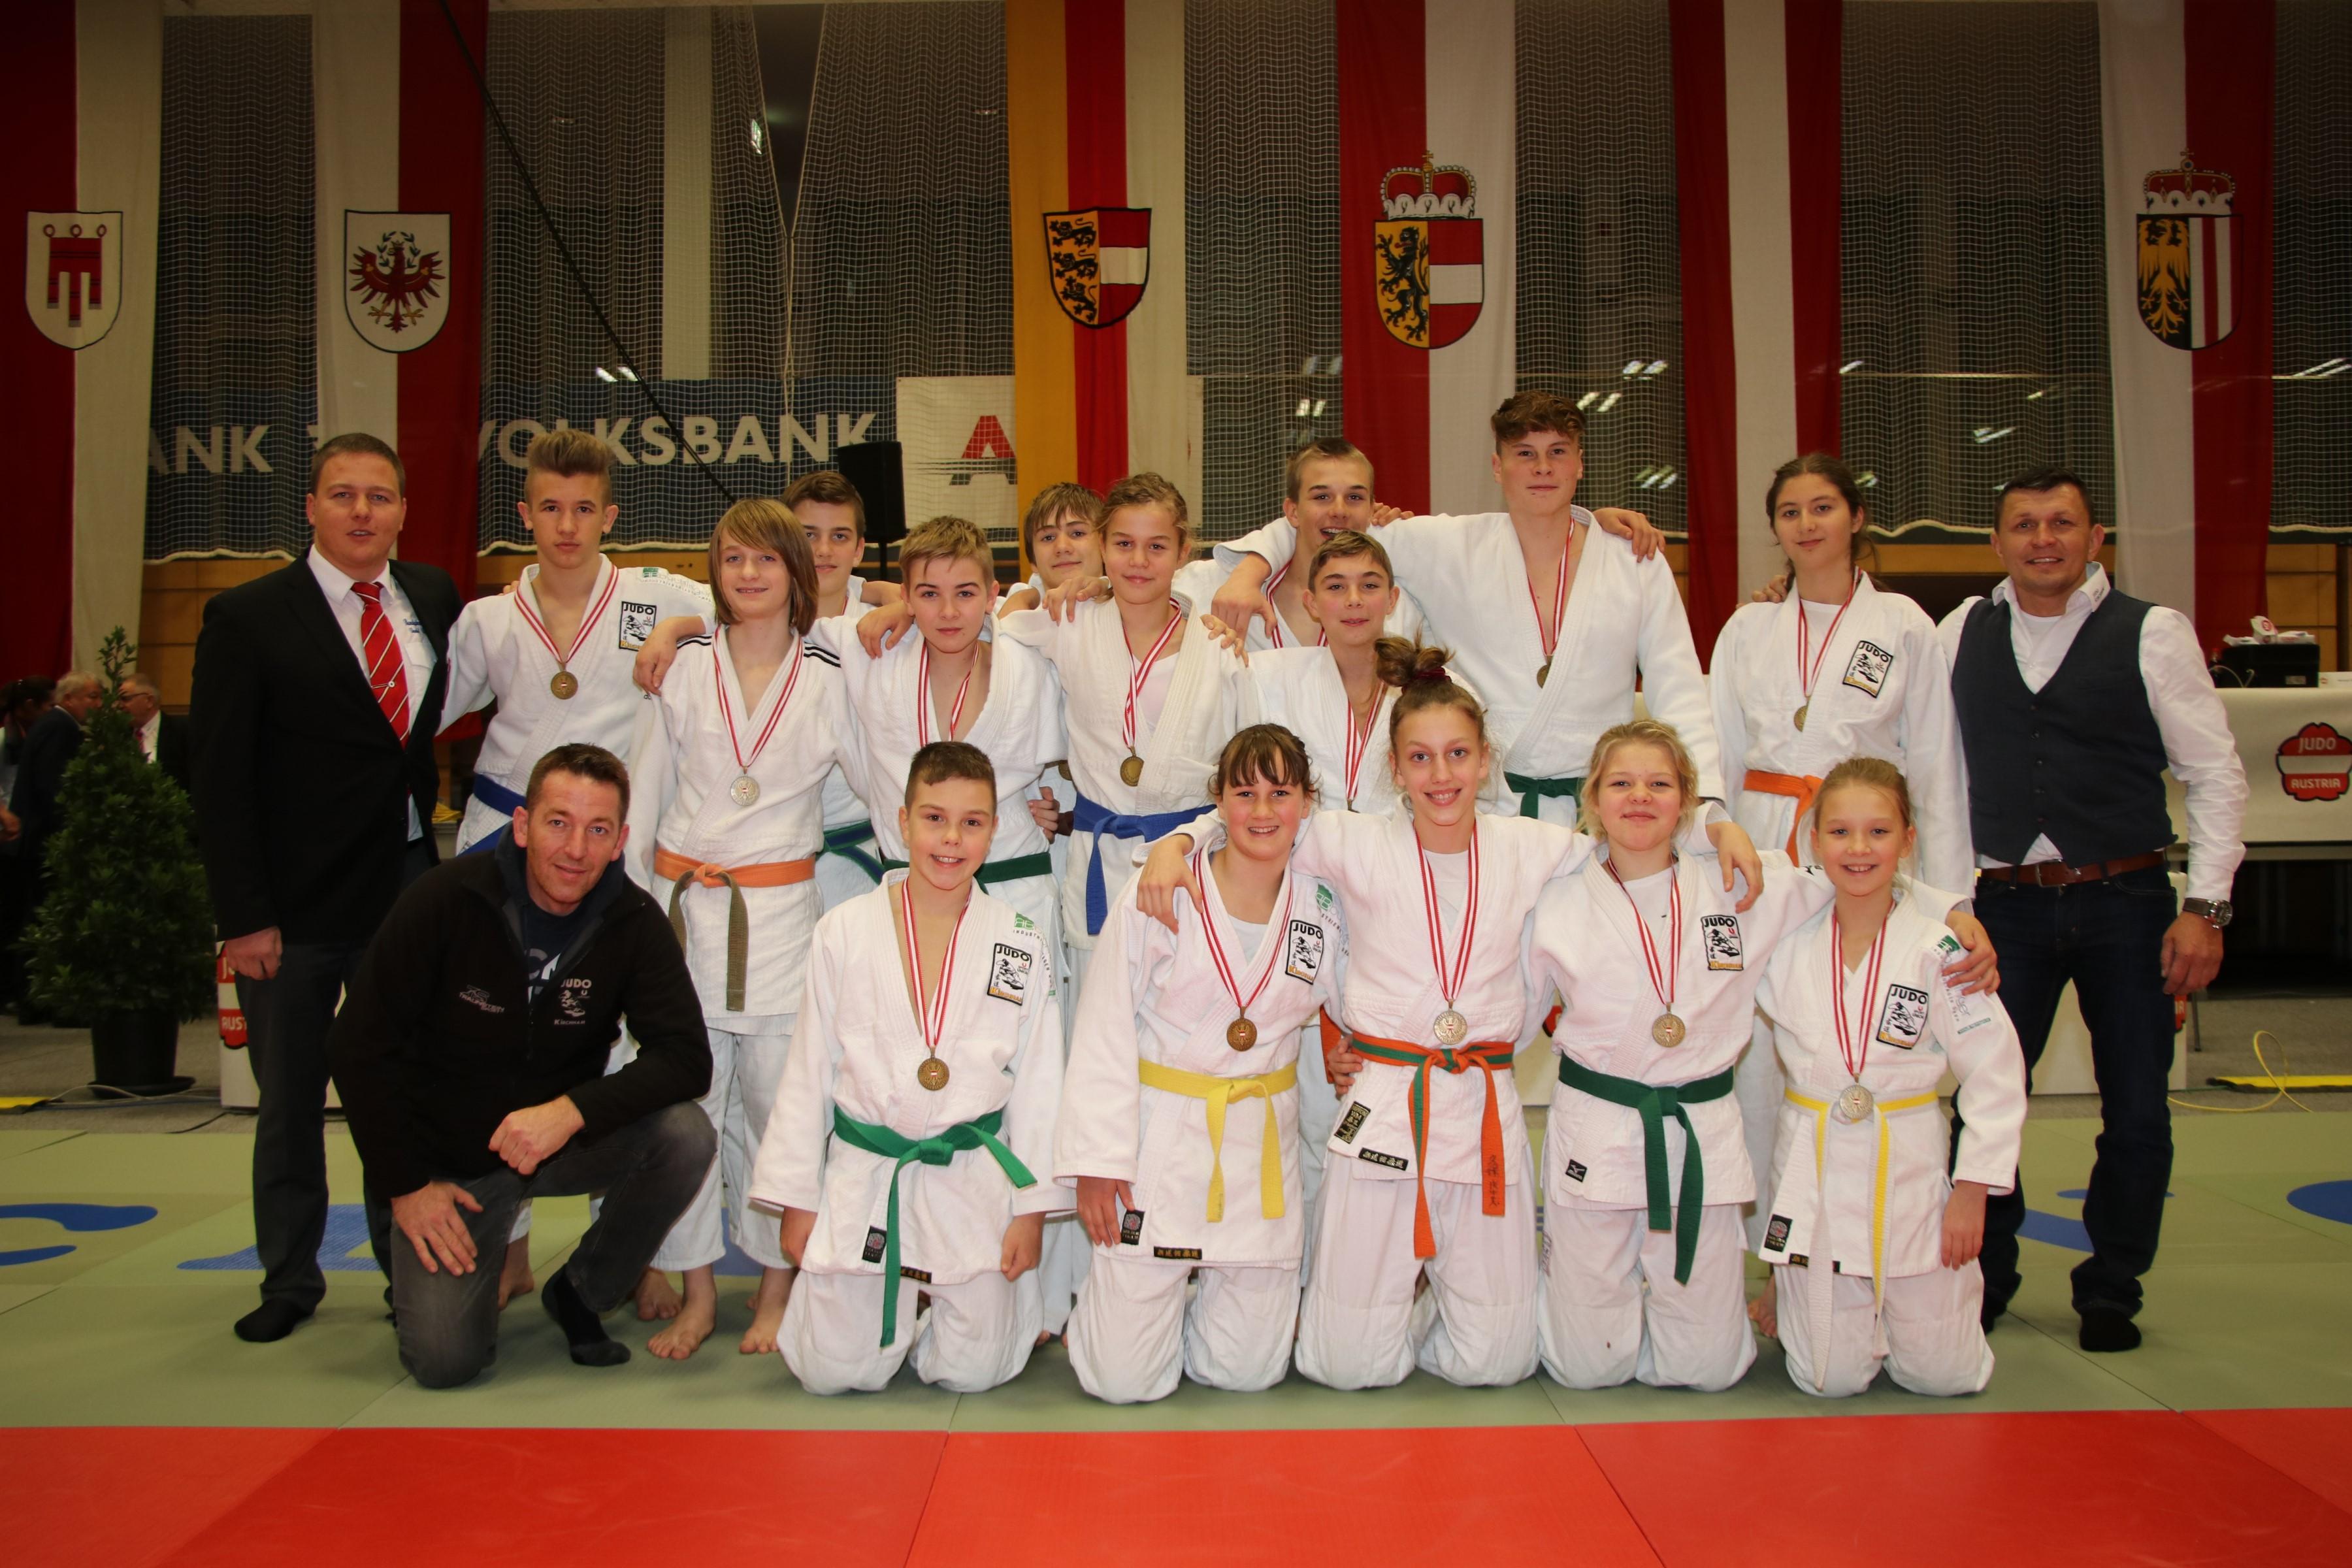 3. Platz für Kirchham bei den Österreichischen Mixed Schülermannschaftsmeisterschaften U16 in Kufstein